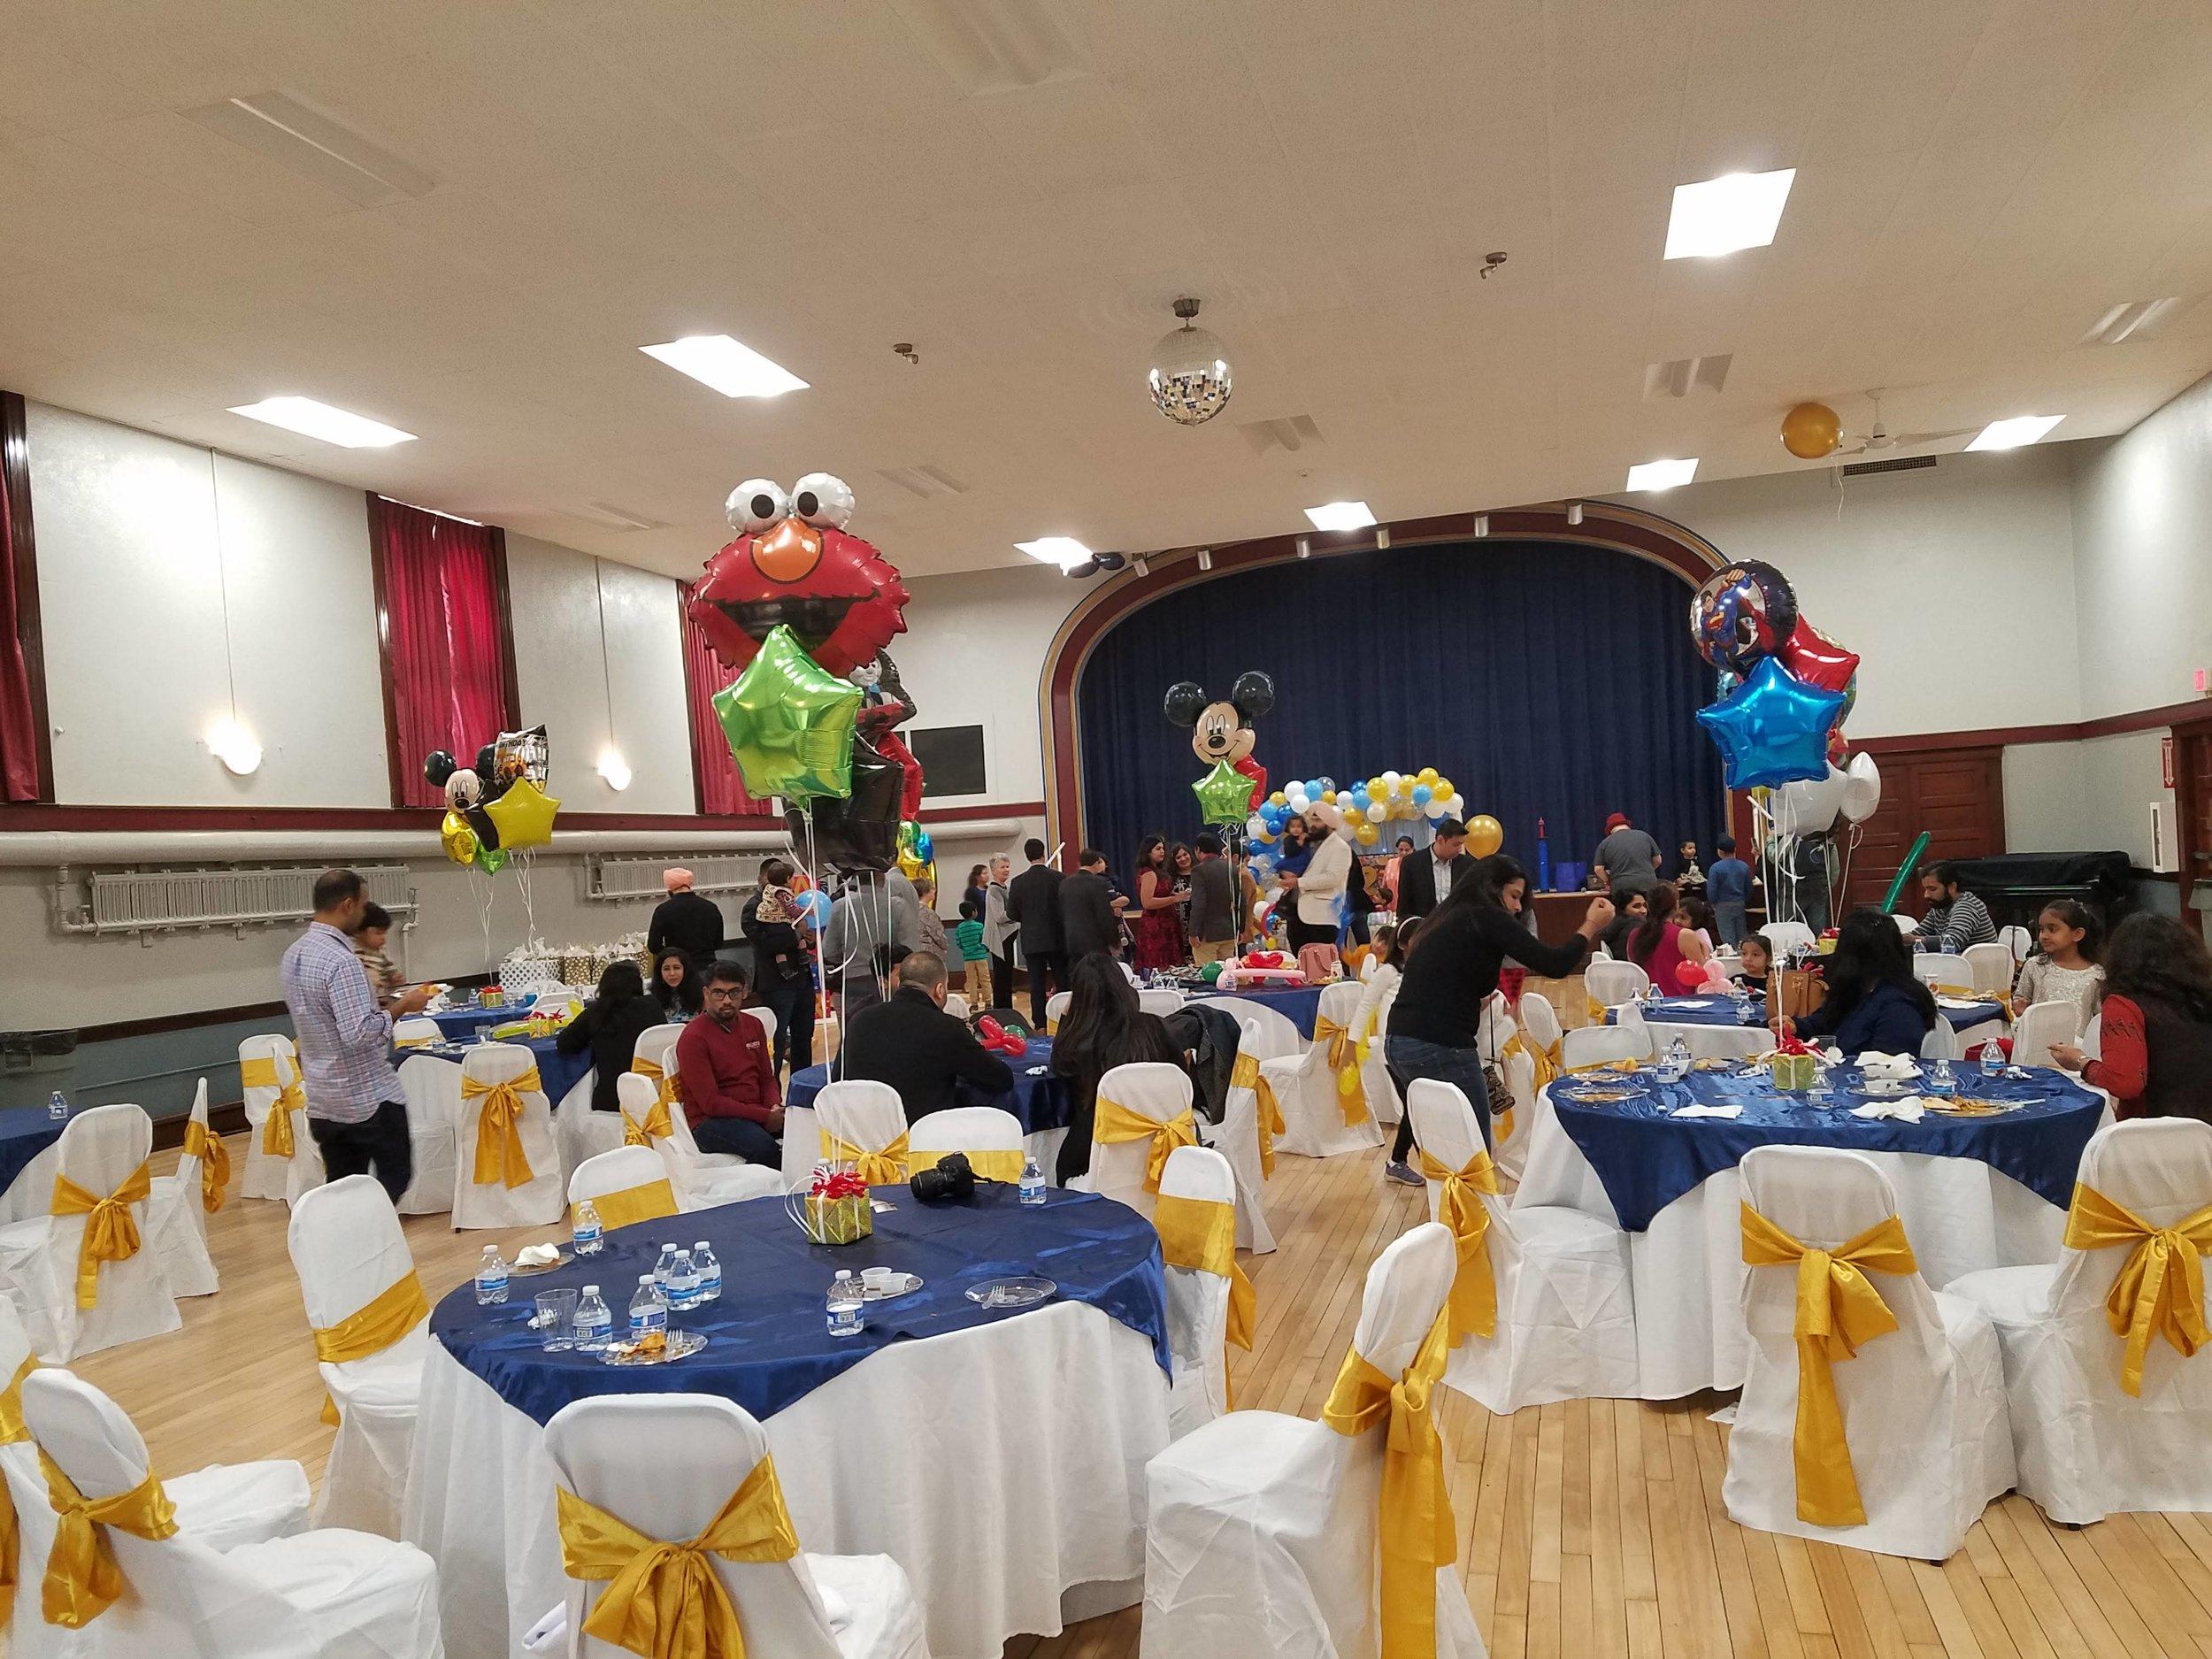 banquet5-kidsparty.jpg